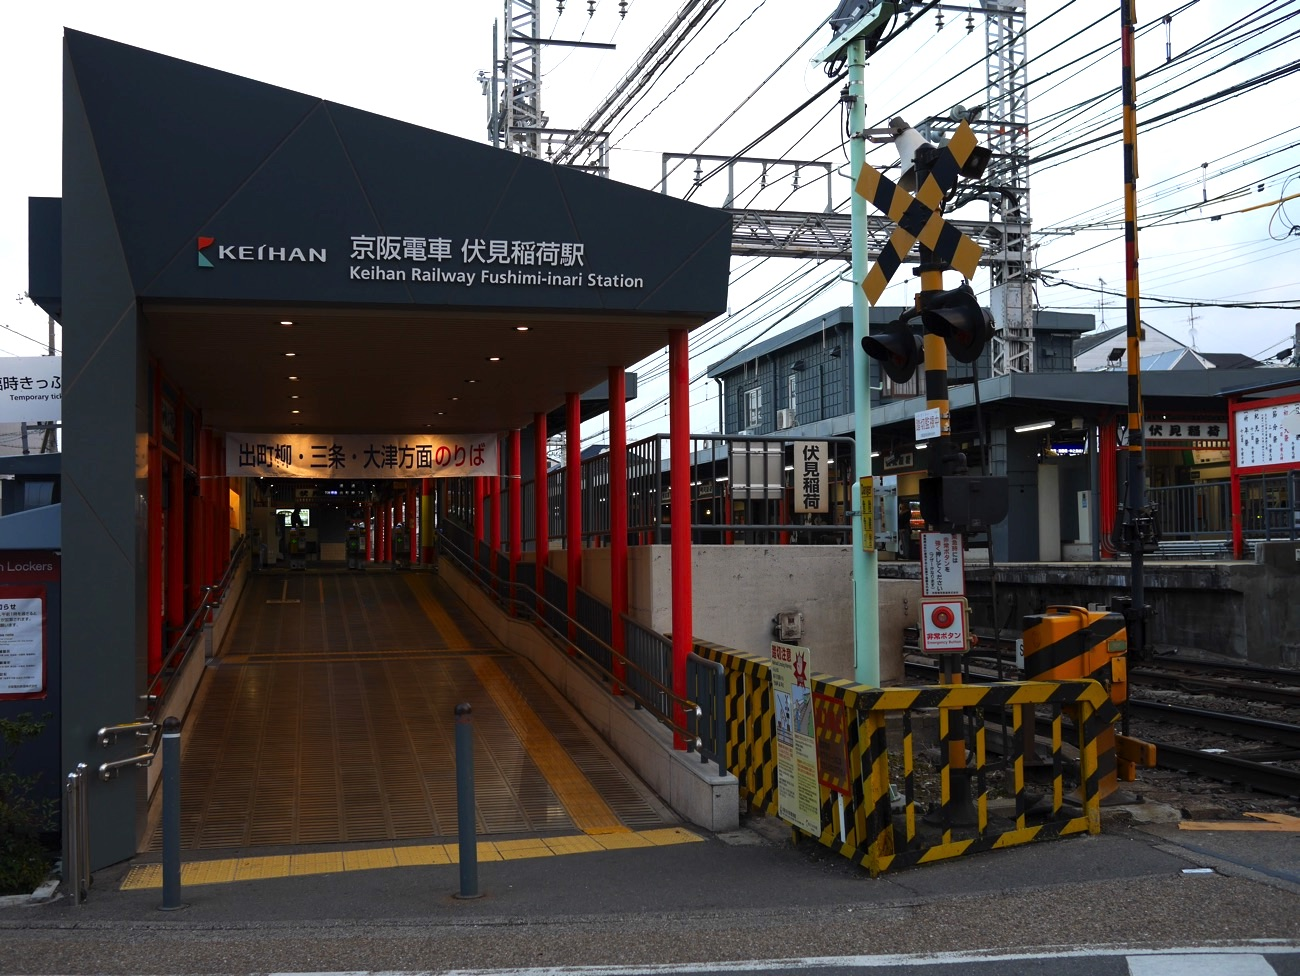 伏見稲荷駅の1番のりば